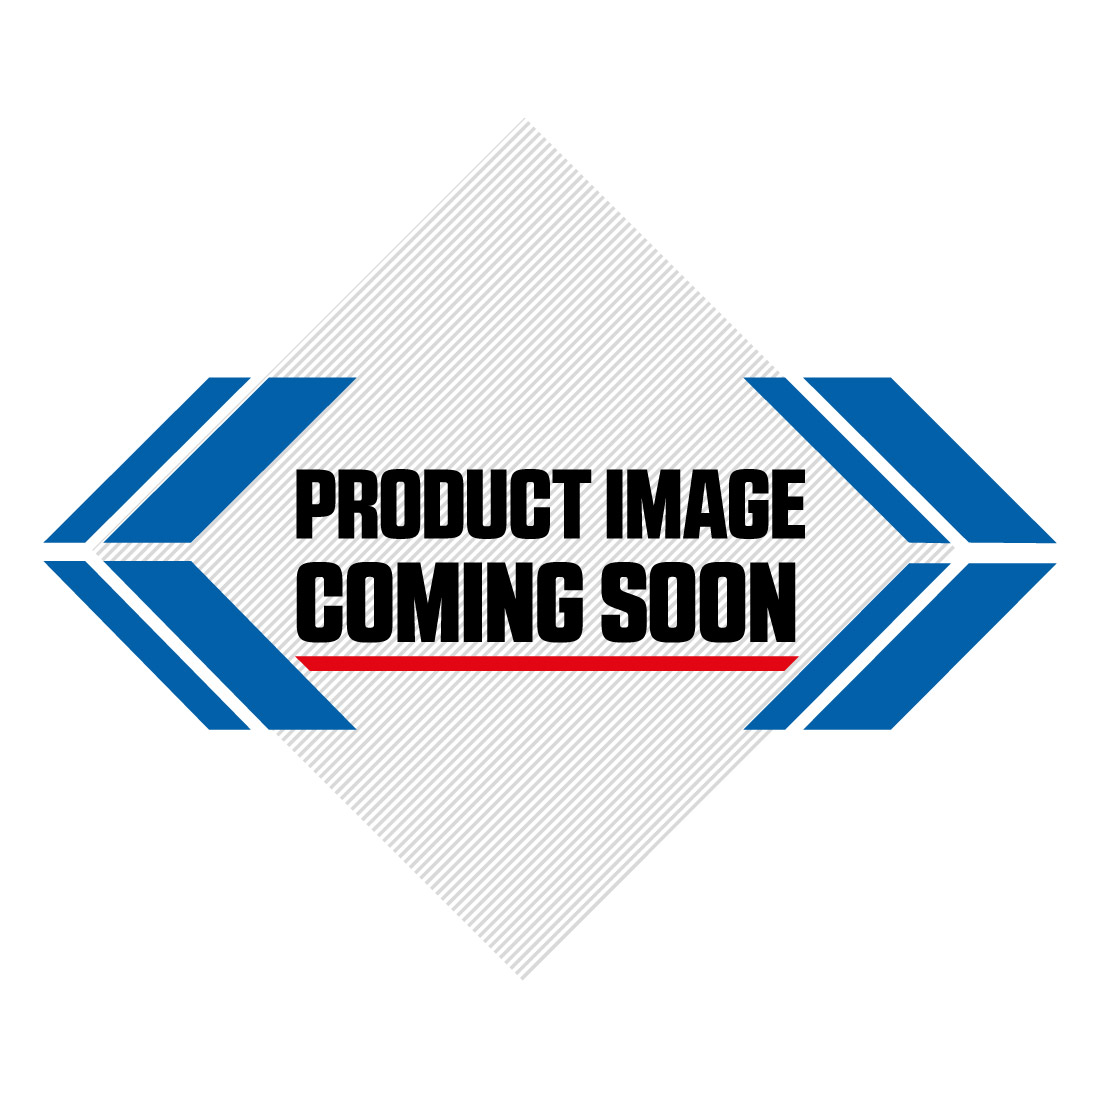 Husqvarna Plastic Kit OEM Factory Image-0